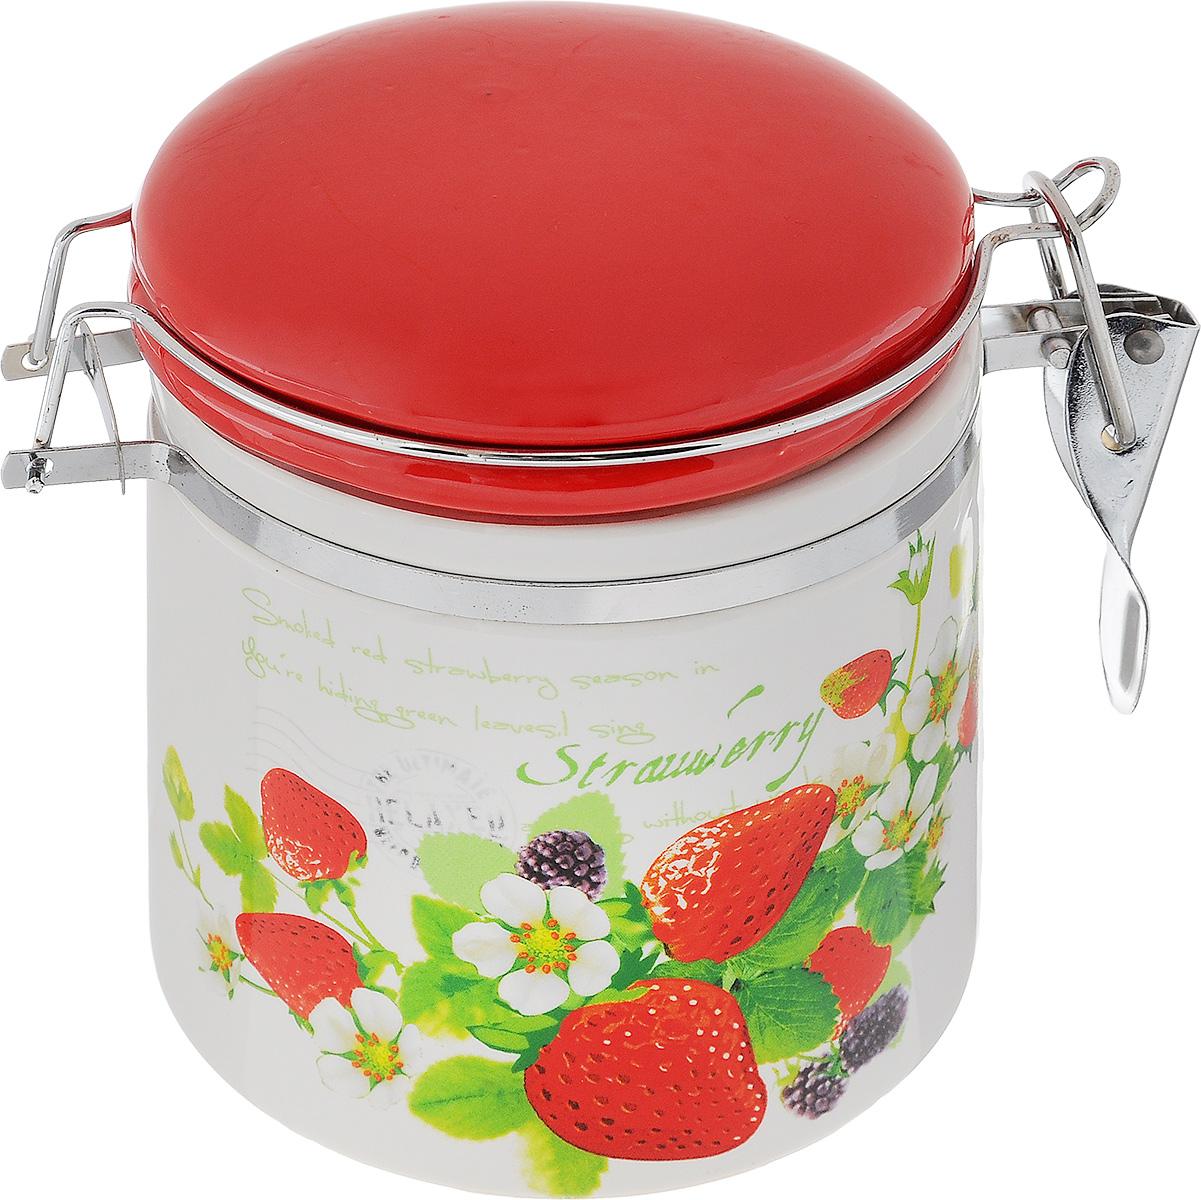 Банка для сыпучих продуктов Loraine, с зажимом-клипсой, 390 мл23740Банка для сыпучих продуктов Loraine изготовлена из прочной керамики высокого качества. Изделие оформлено изображением ягод. Гладкая и ровная поверхность обеспечивает легкую очистку. Банка прекрасно подойдет для хранения различных сыпучих продуктов: специй, чая, кофе, сахара, круп и многого другого. Крышка плотно закрывается с помощью металлического зажима-клипсы, дольше сохраняя свежесть продуктов. Можно использовать в микроволновой печи, холодильнике и мыть в посудомоечной машине. Диаметр банки (по верхнему краю): 9 см. Высота стенки банки: 9,5 см.